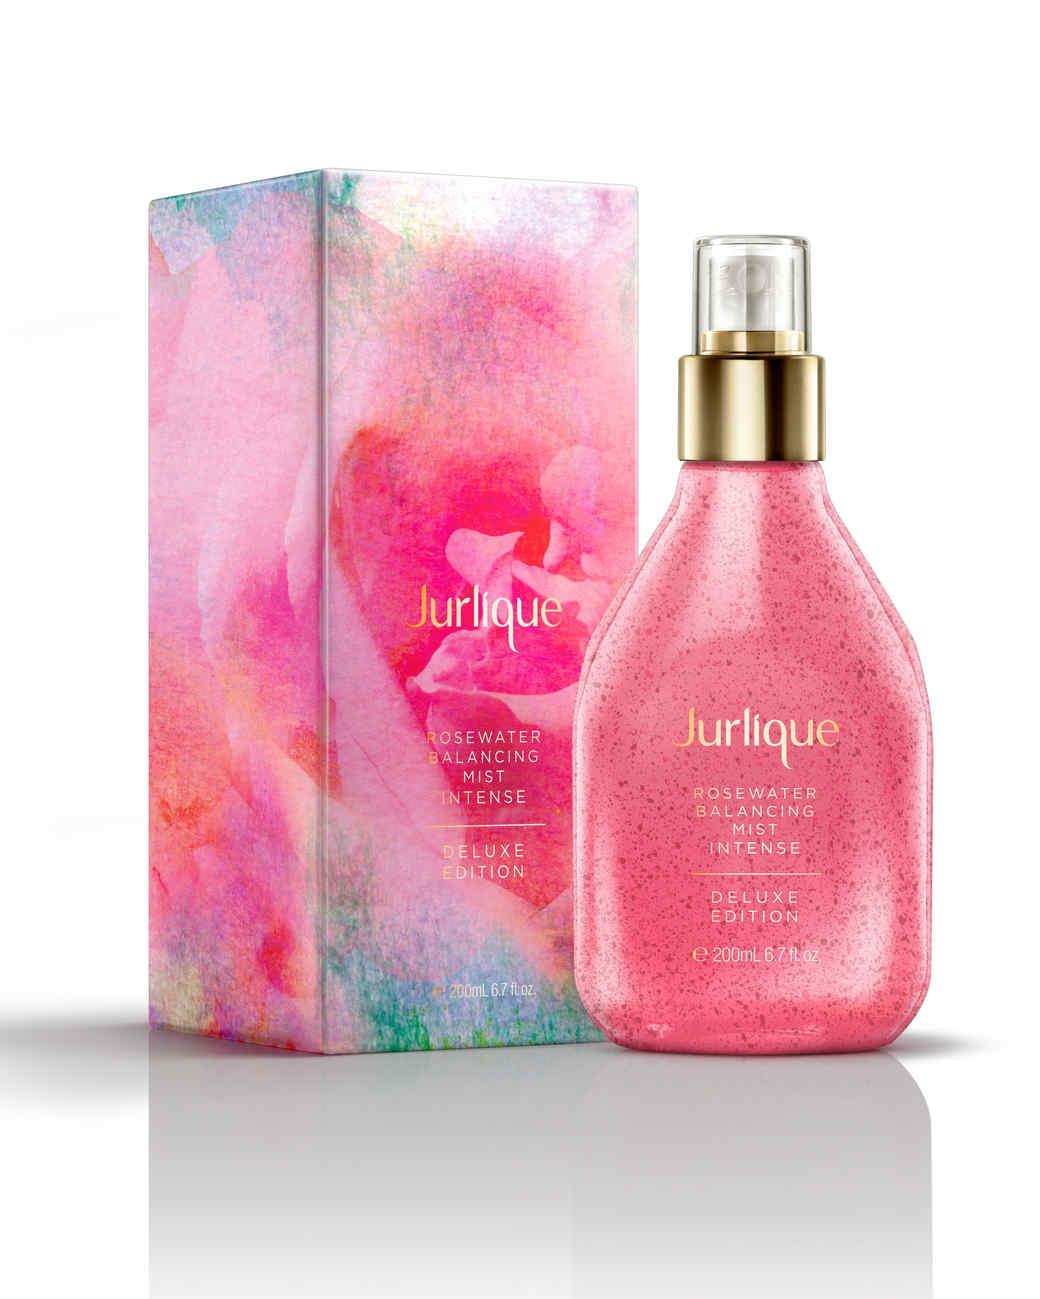 jurlique perfume